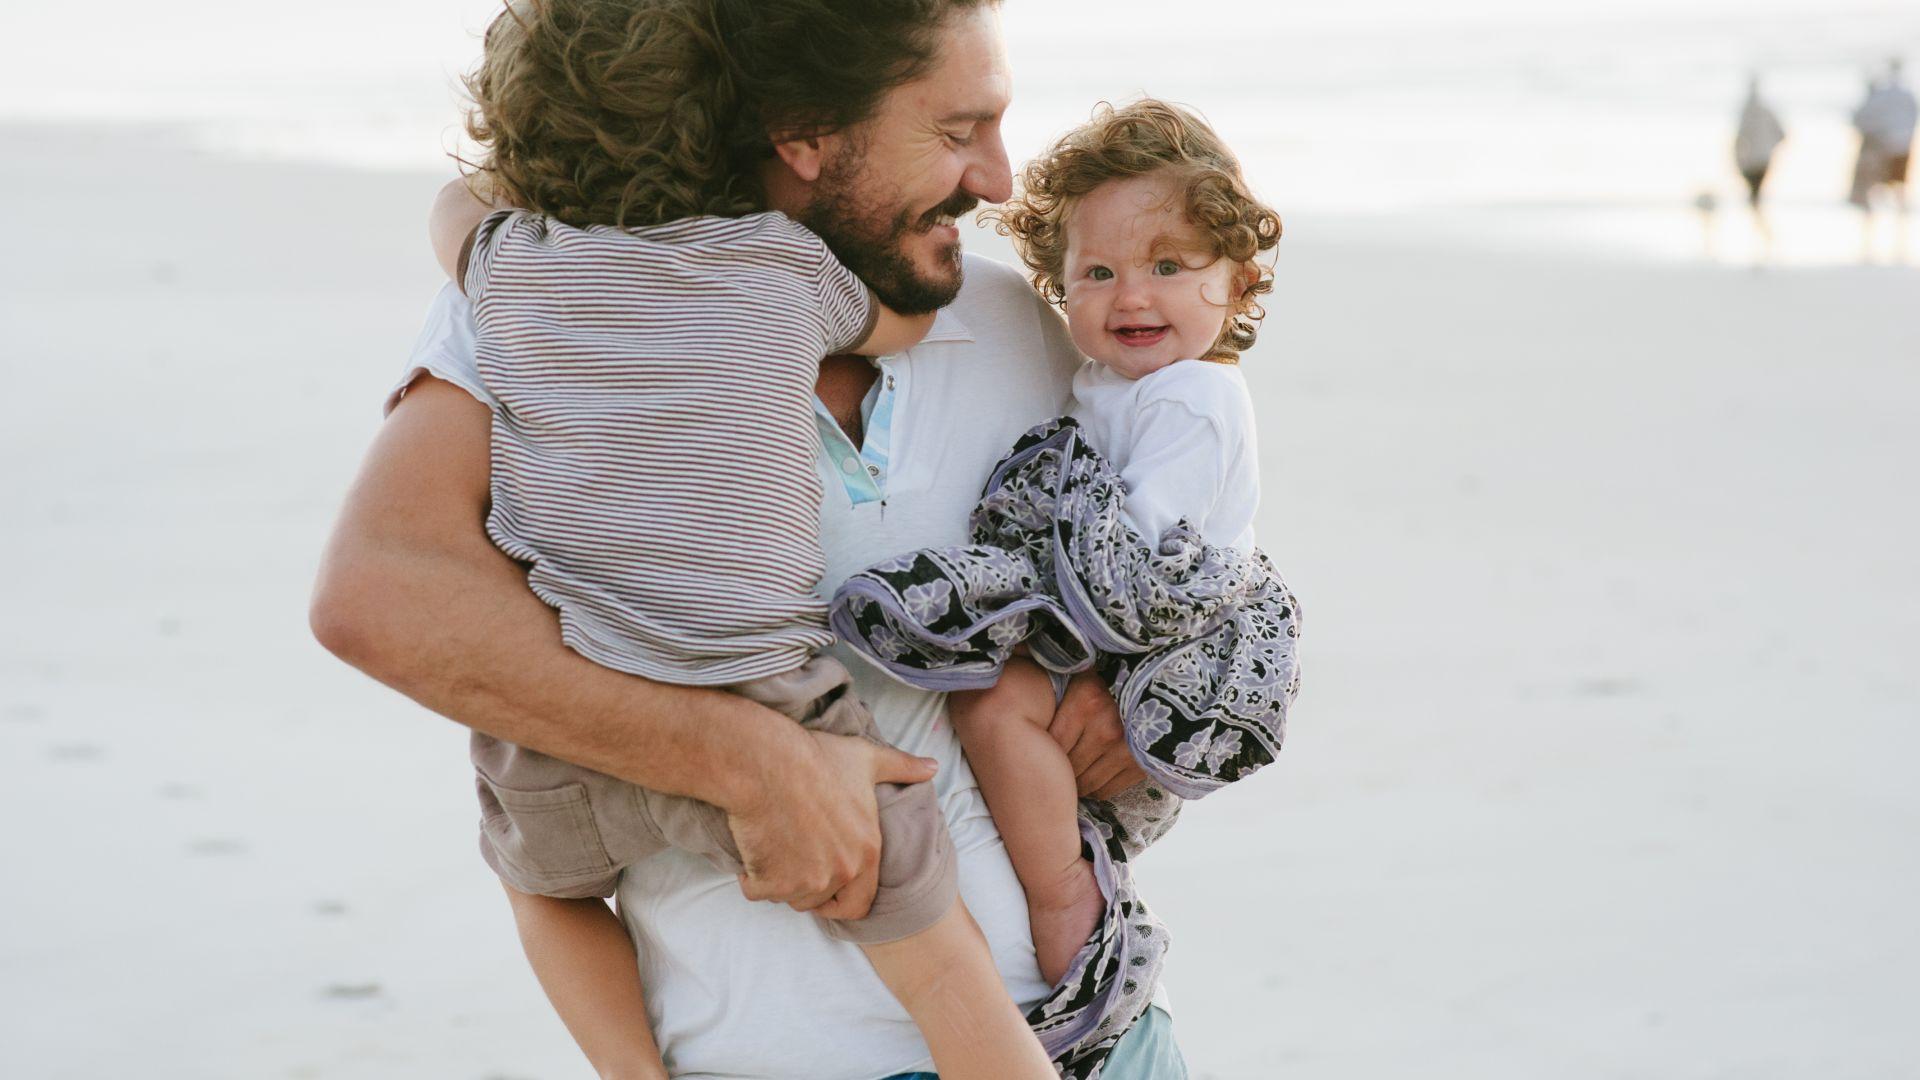 La habitación que necesita - Niños y padre | Loews Hotels & Resorts